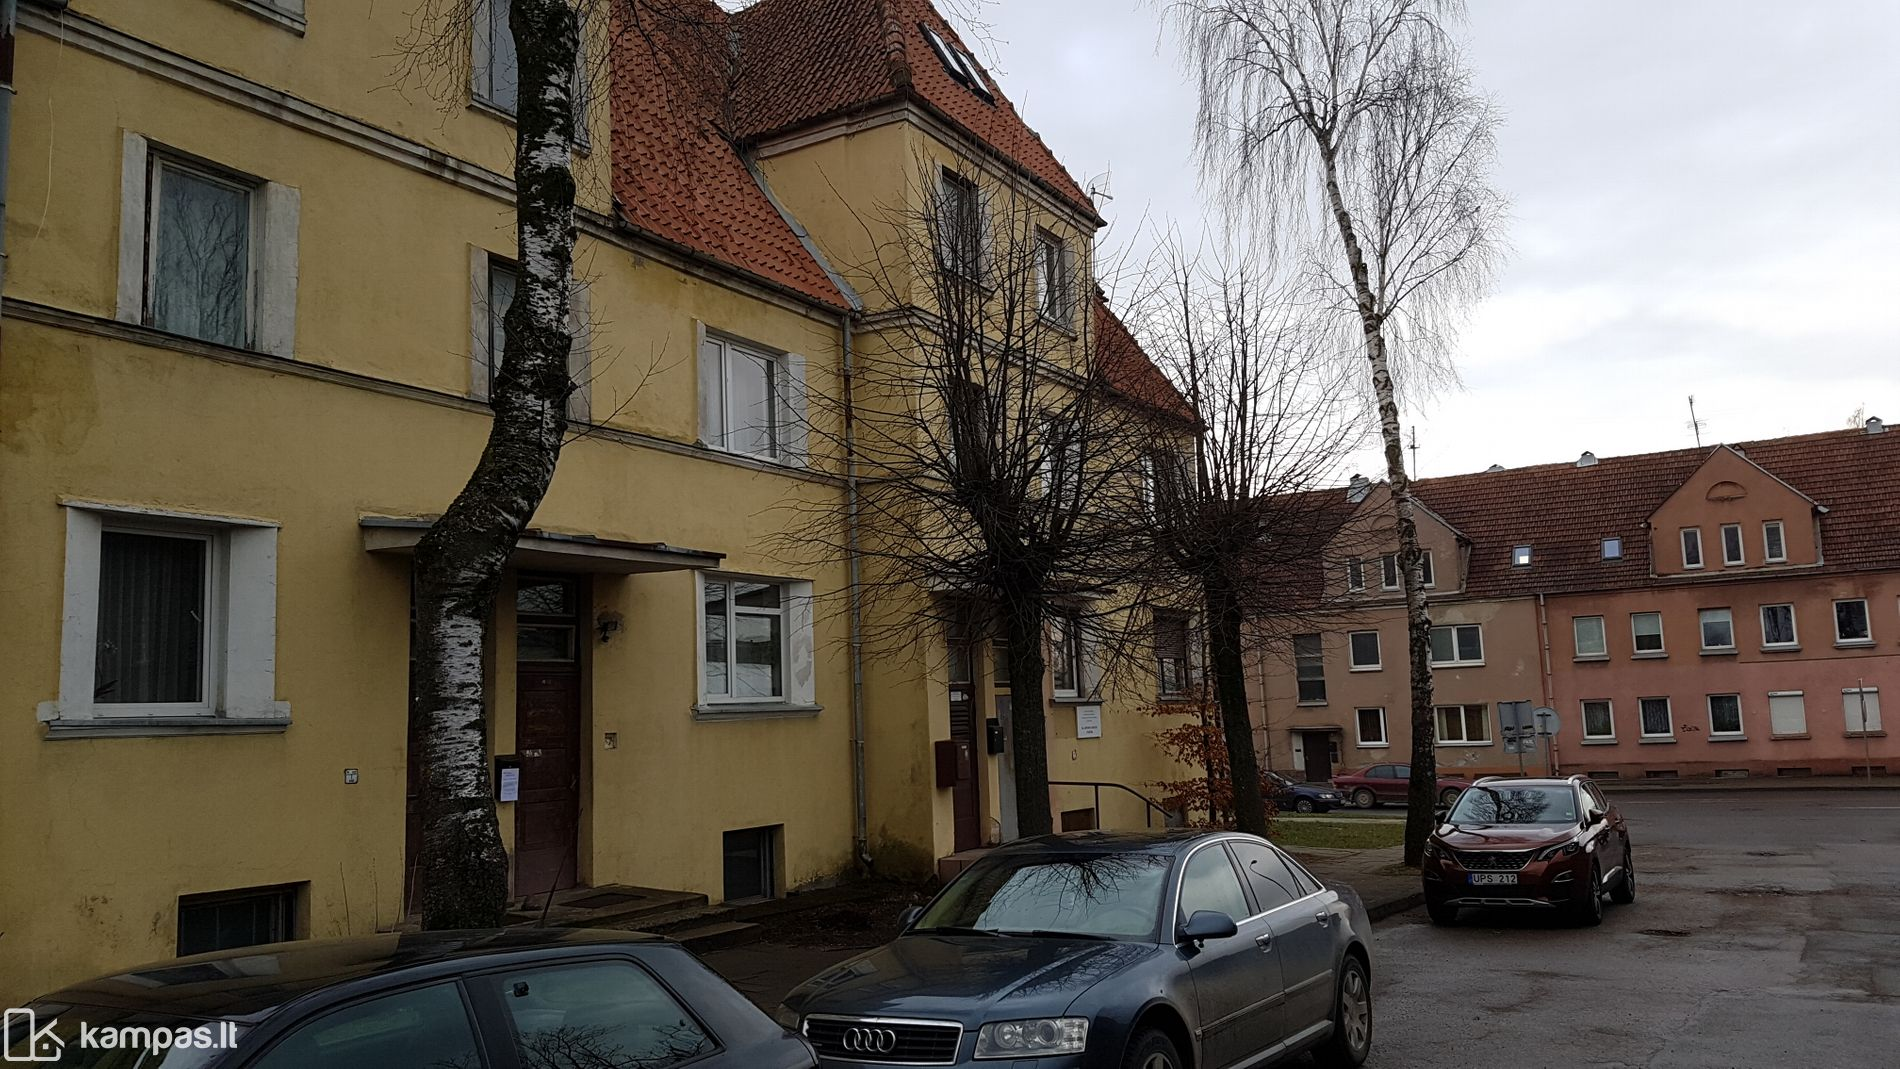 photo No.11 Klaipėda, Centras, Liepų g.